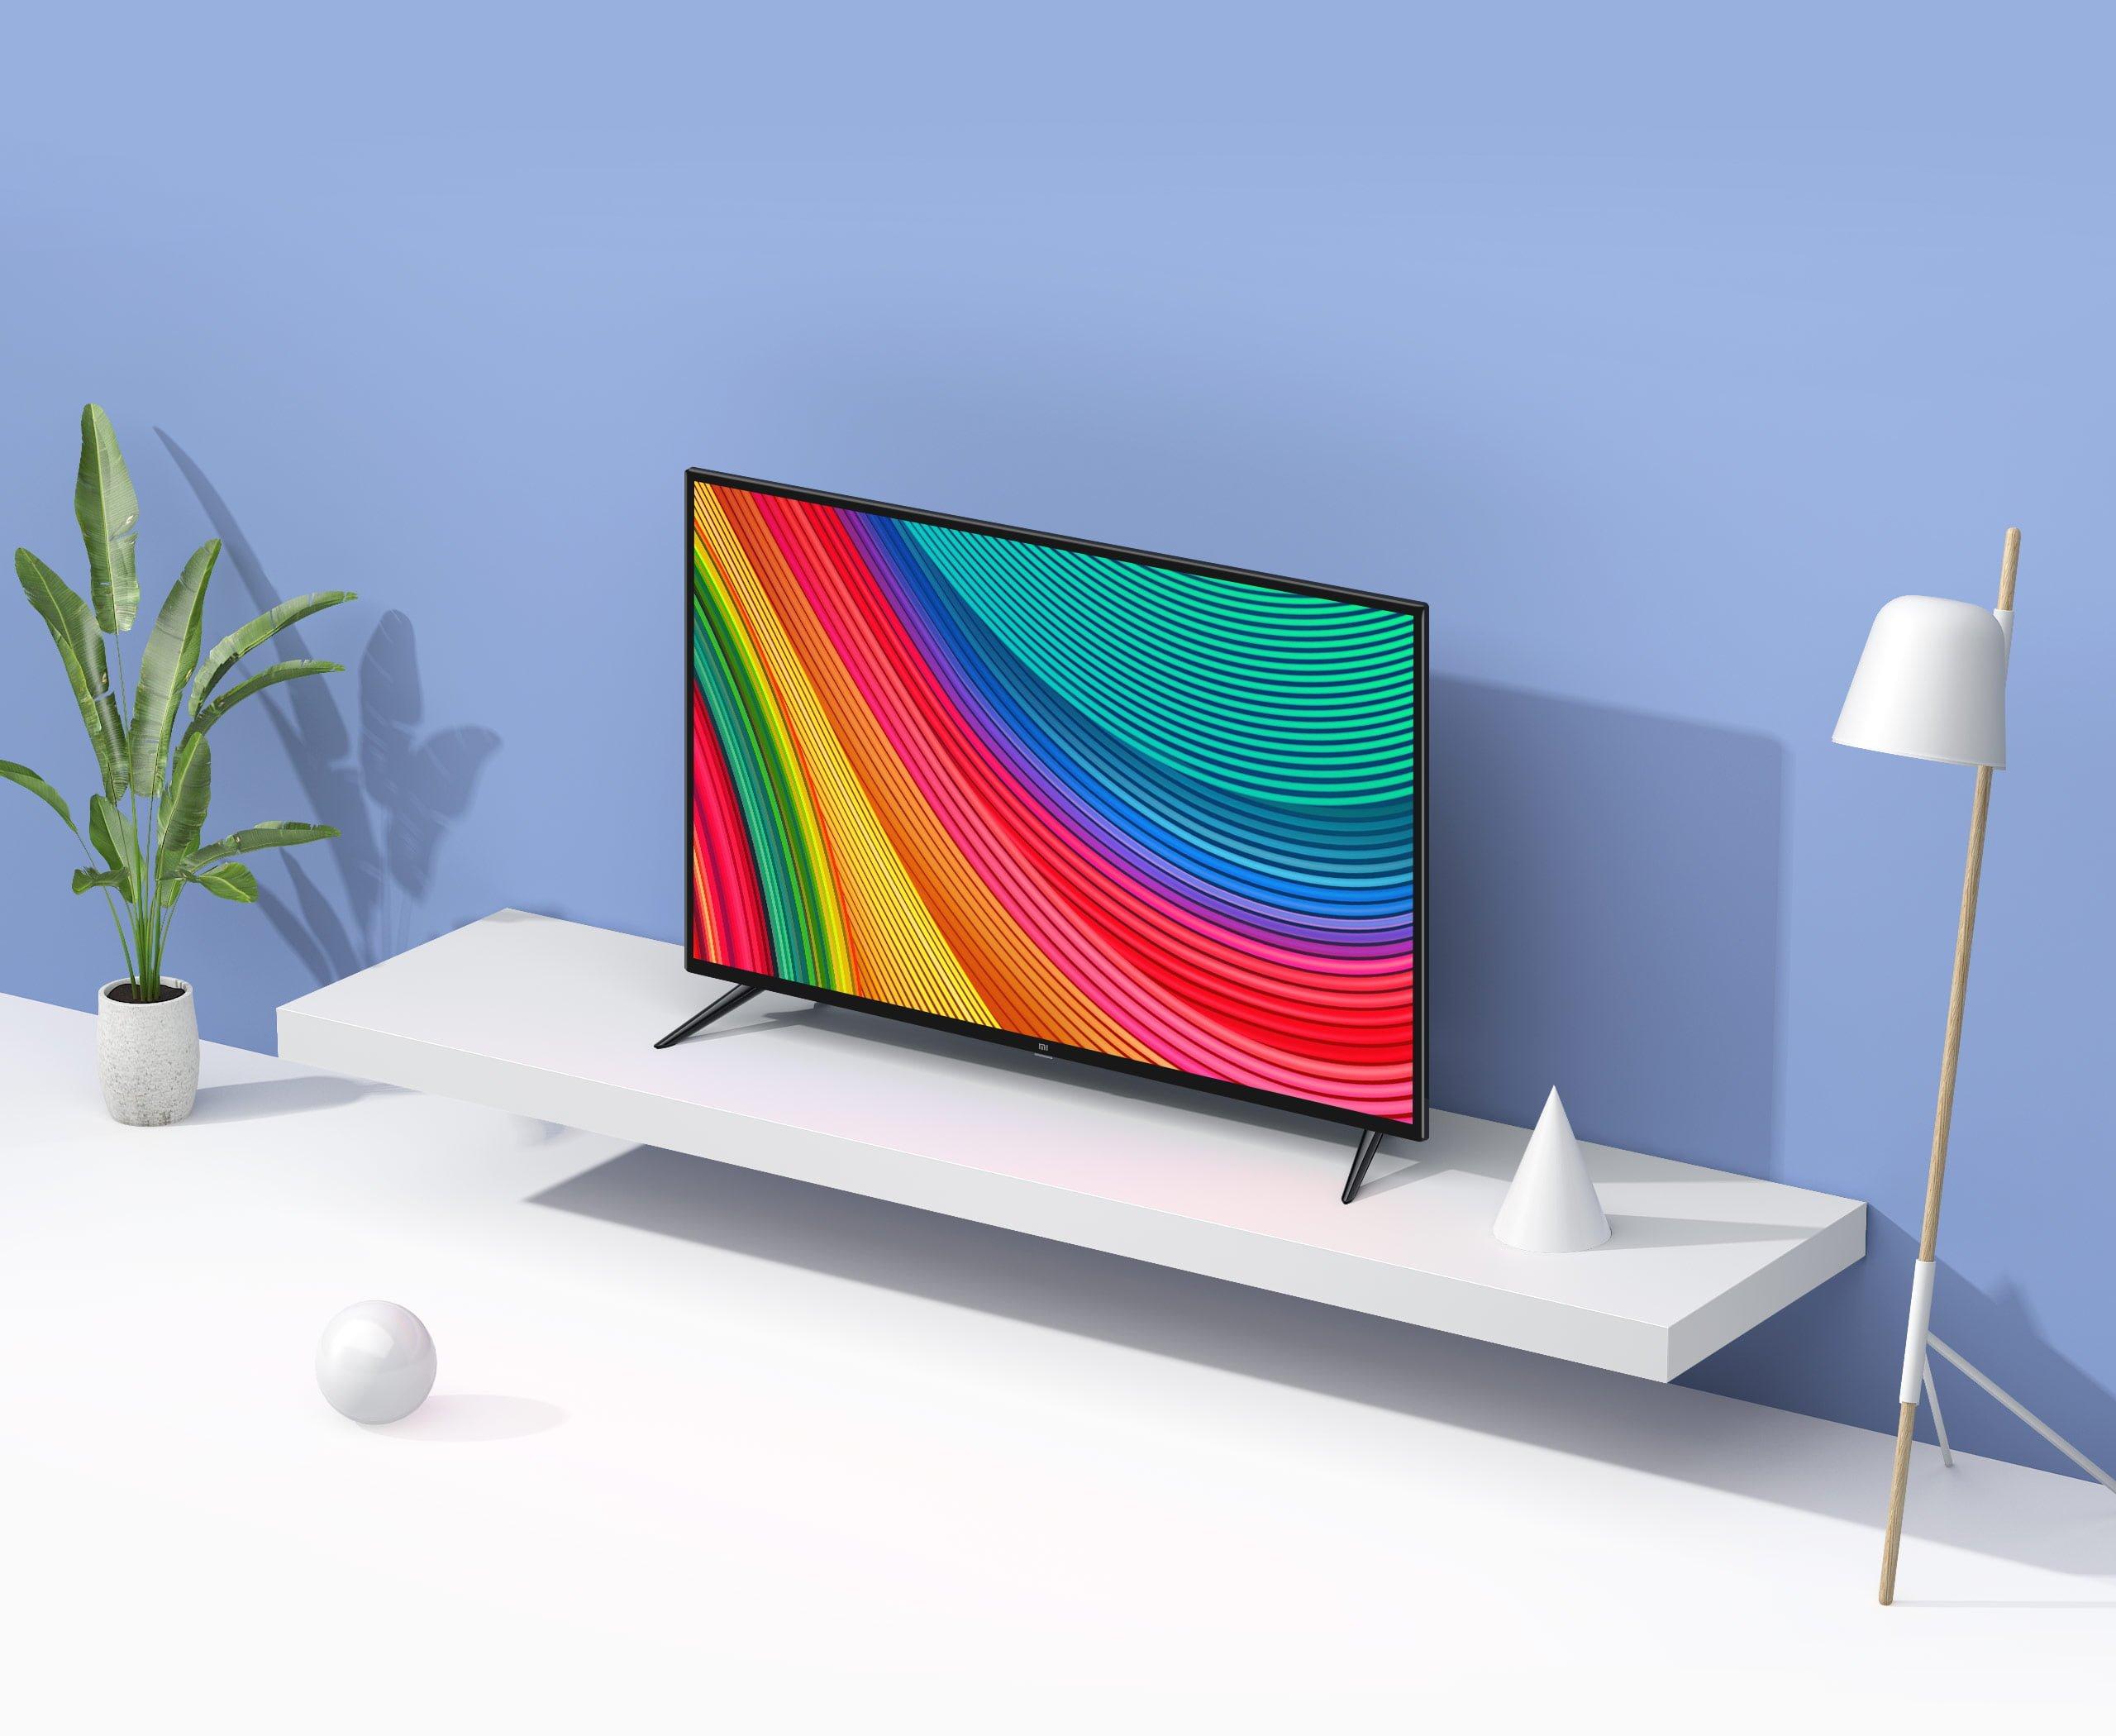 Xiaomi wprowadza na rynek nowy telewizor - ten ma 32 cale i kosztuje równowartość kilkuset złotych 15